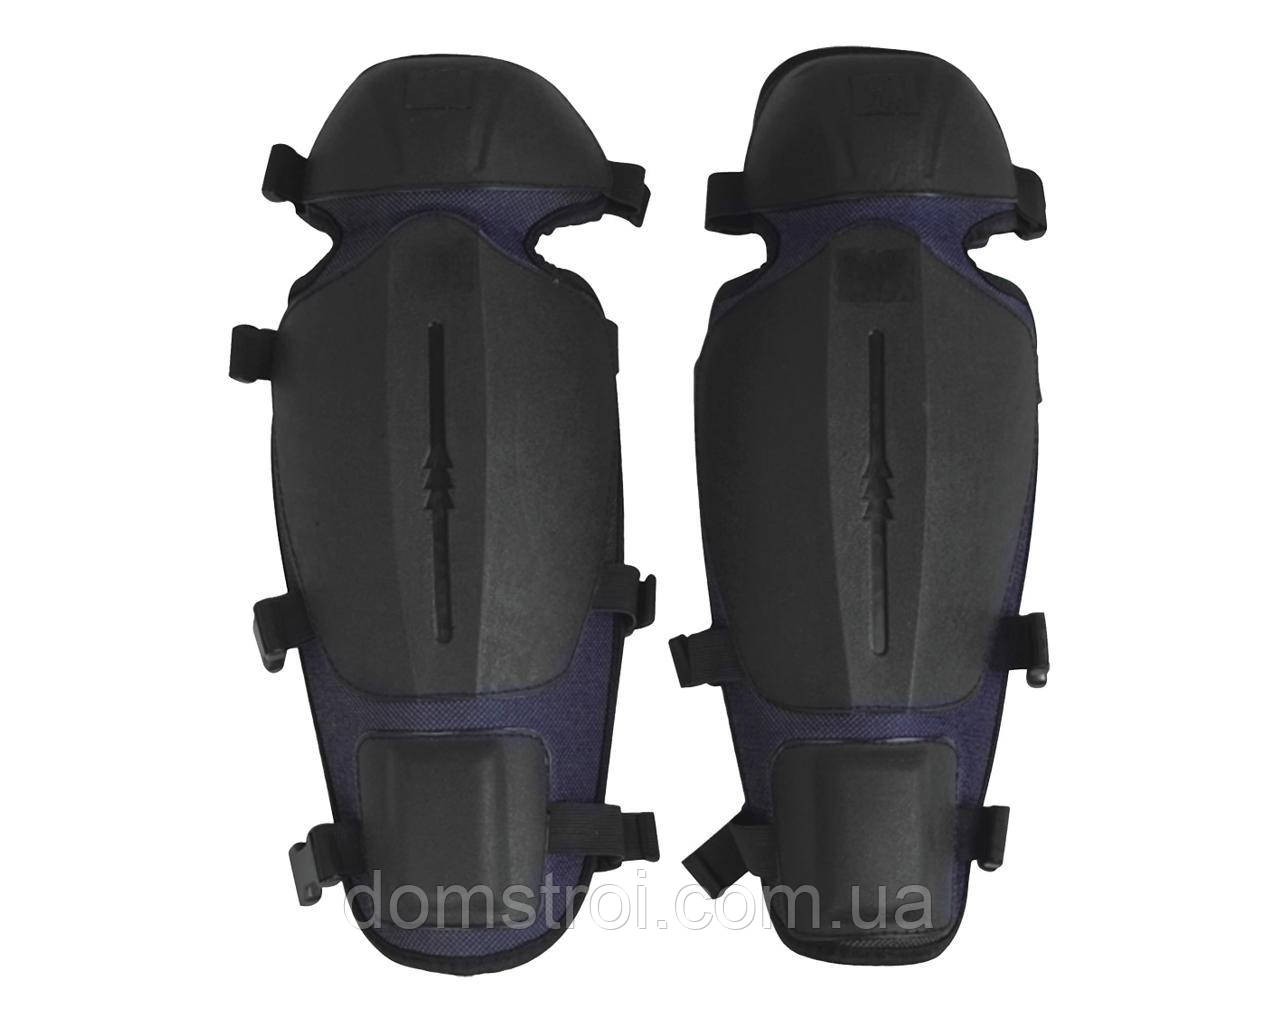 Наколенники строительные VITA покрытие от колена до стопы